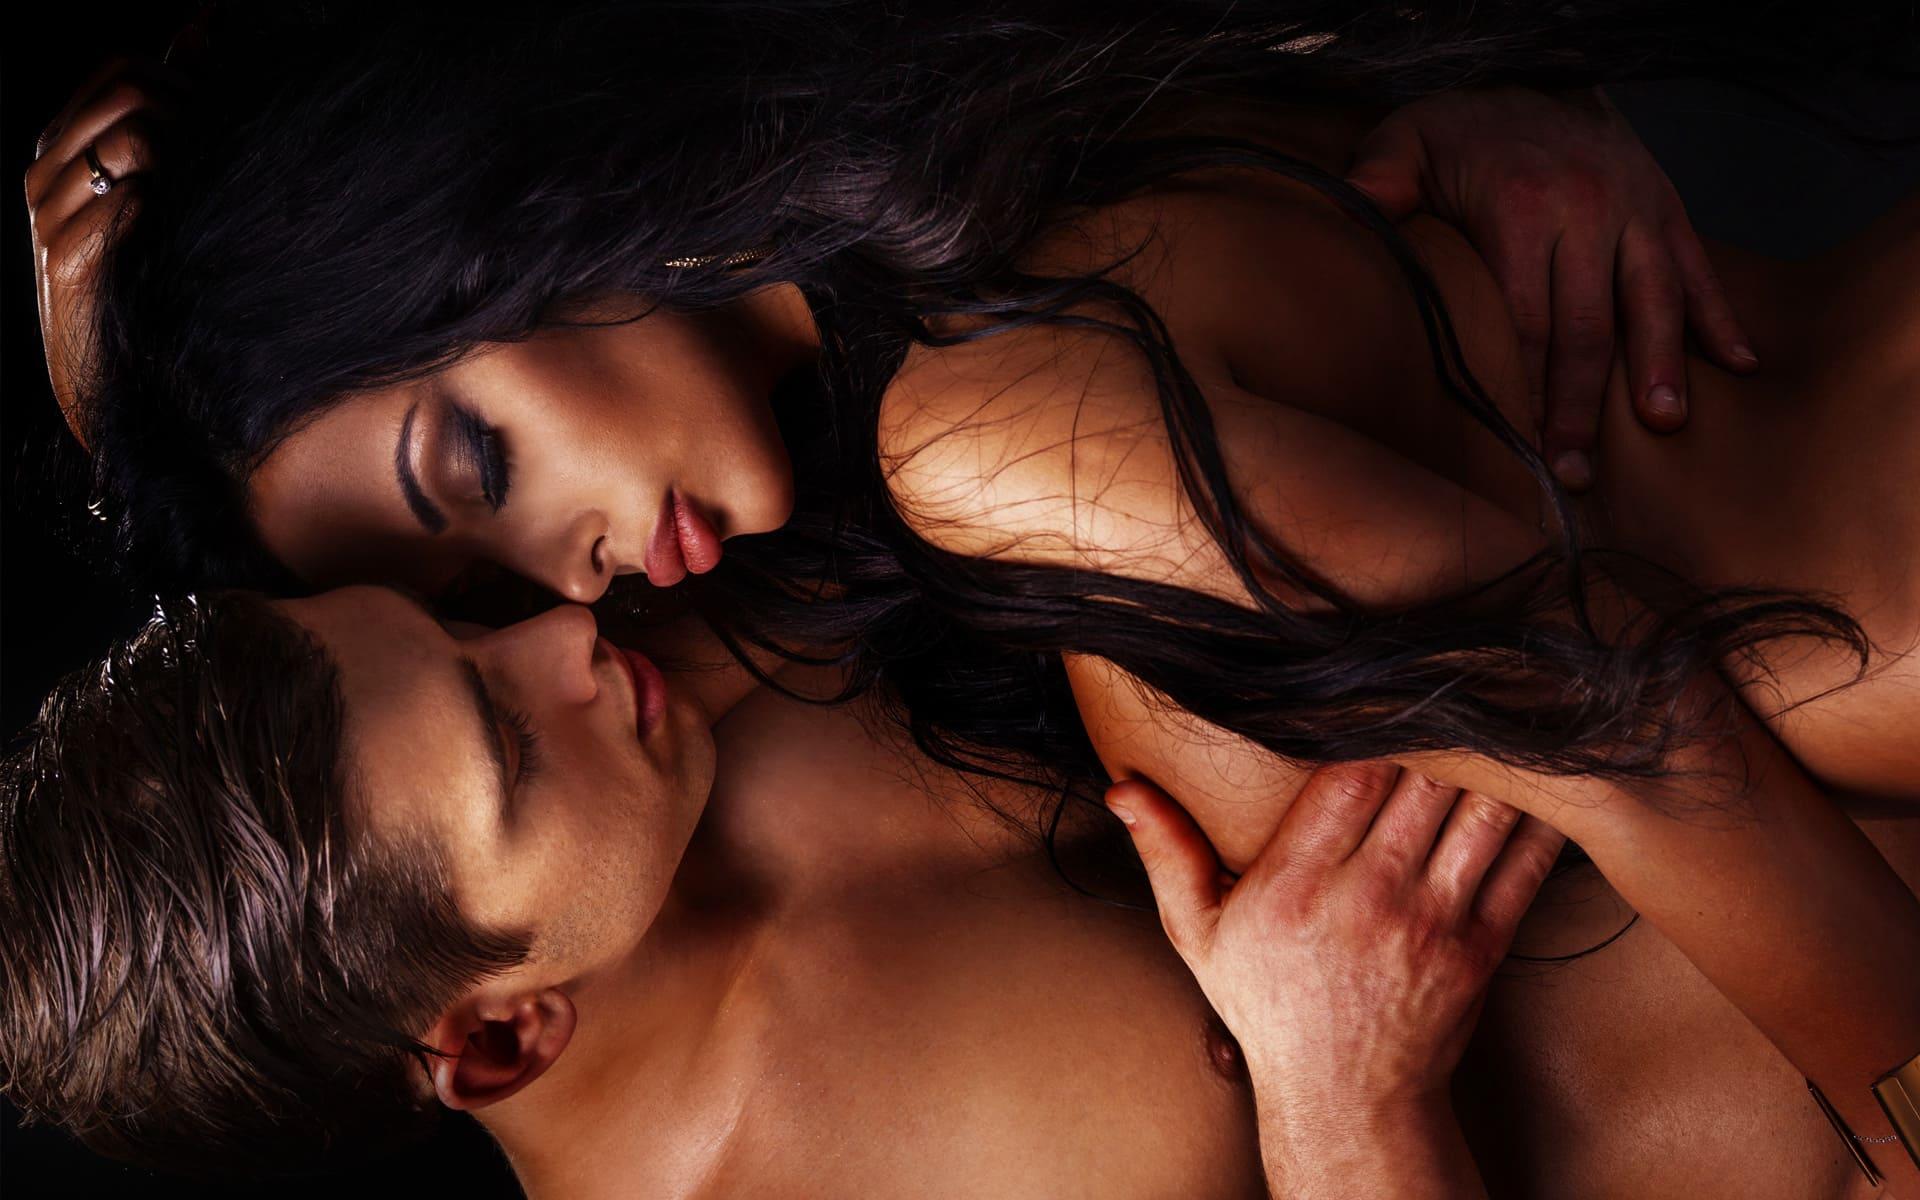 kompleksniy-ero-massazh-porno